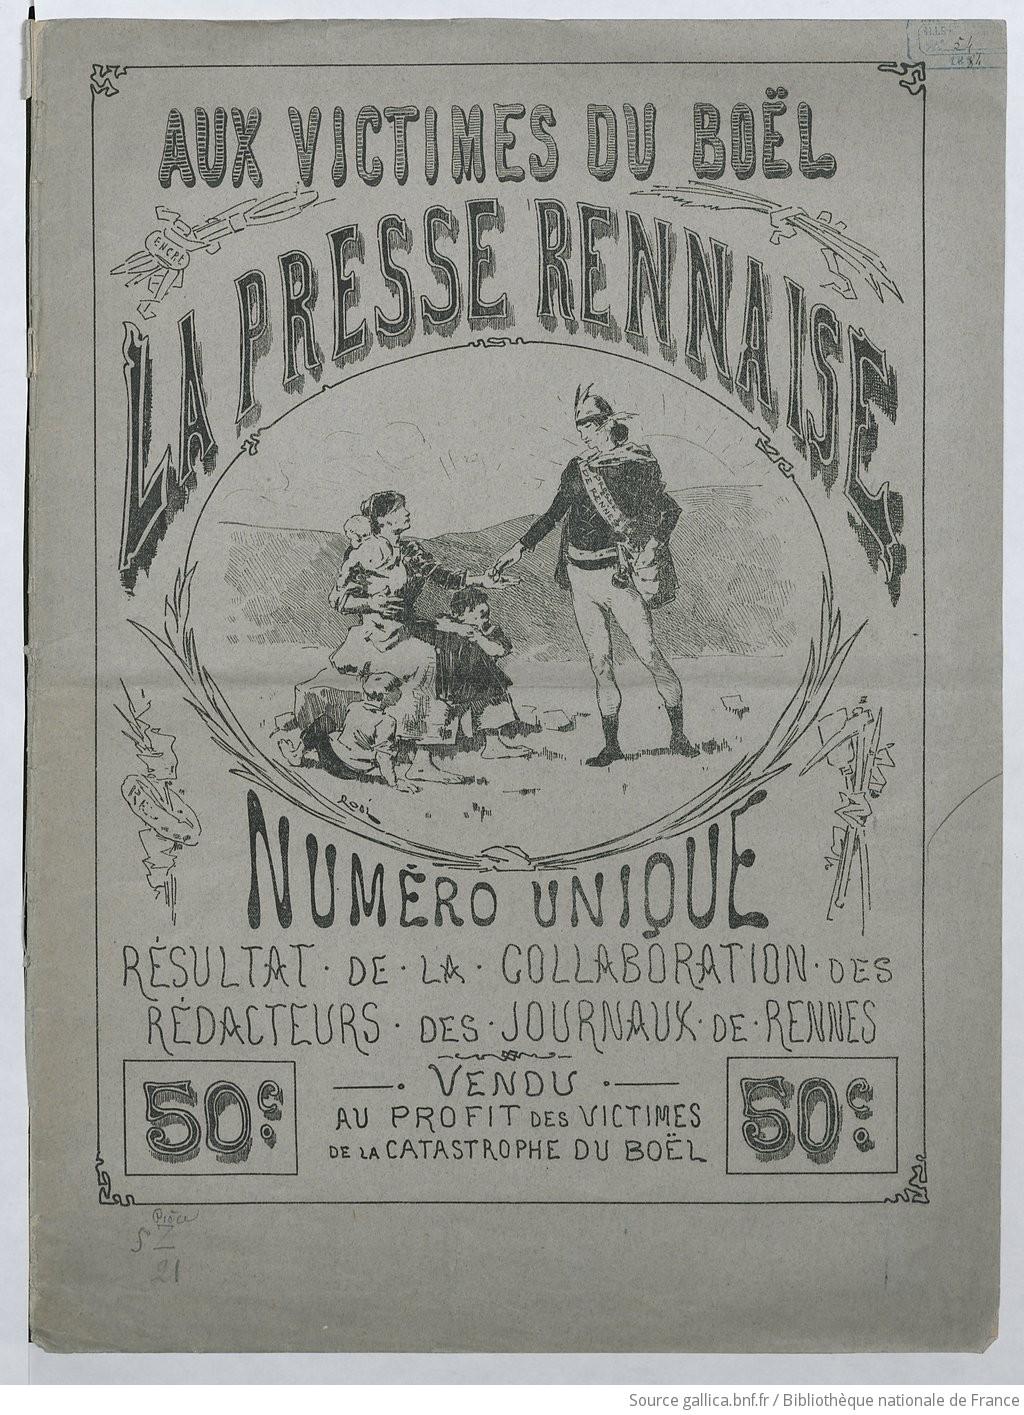 Aux Victimes du Boël. La Presse Rennaise. Numéro unique, résultat de la collaboration des rédacteurs des journaux de Rennes. Vendu au profit des victimes de la Catastrophe du Boël |